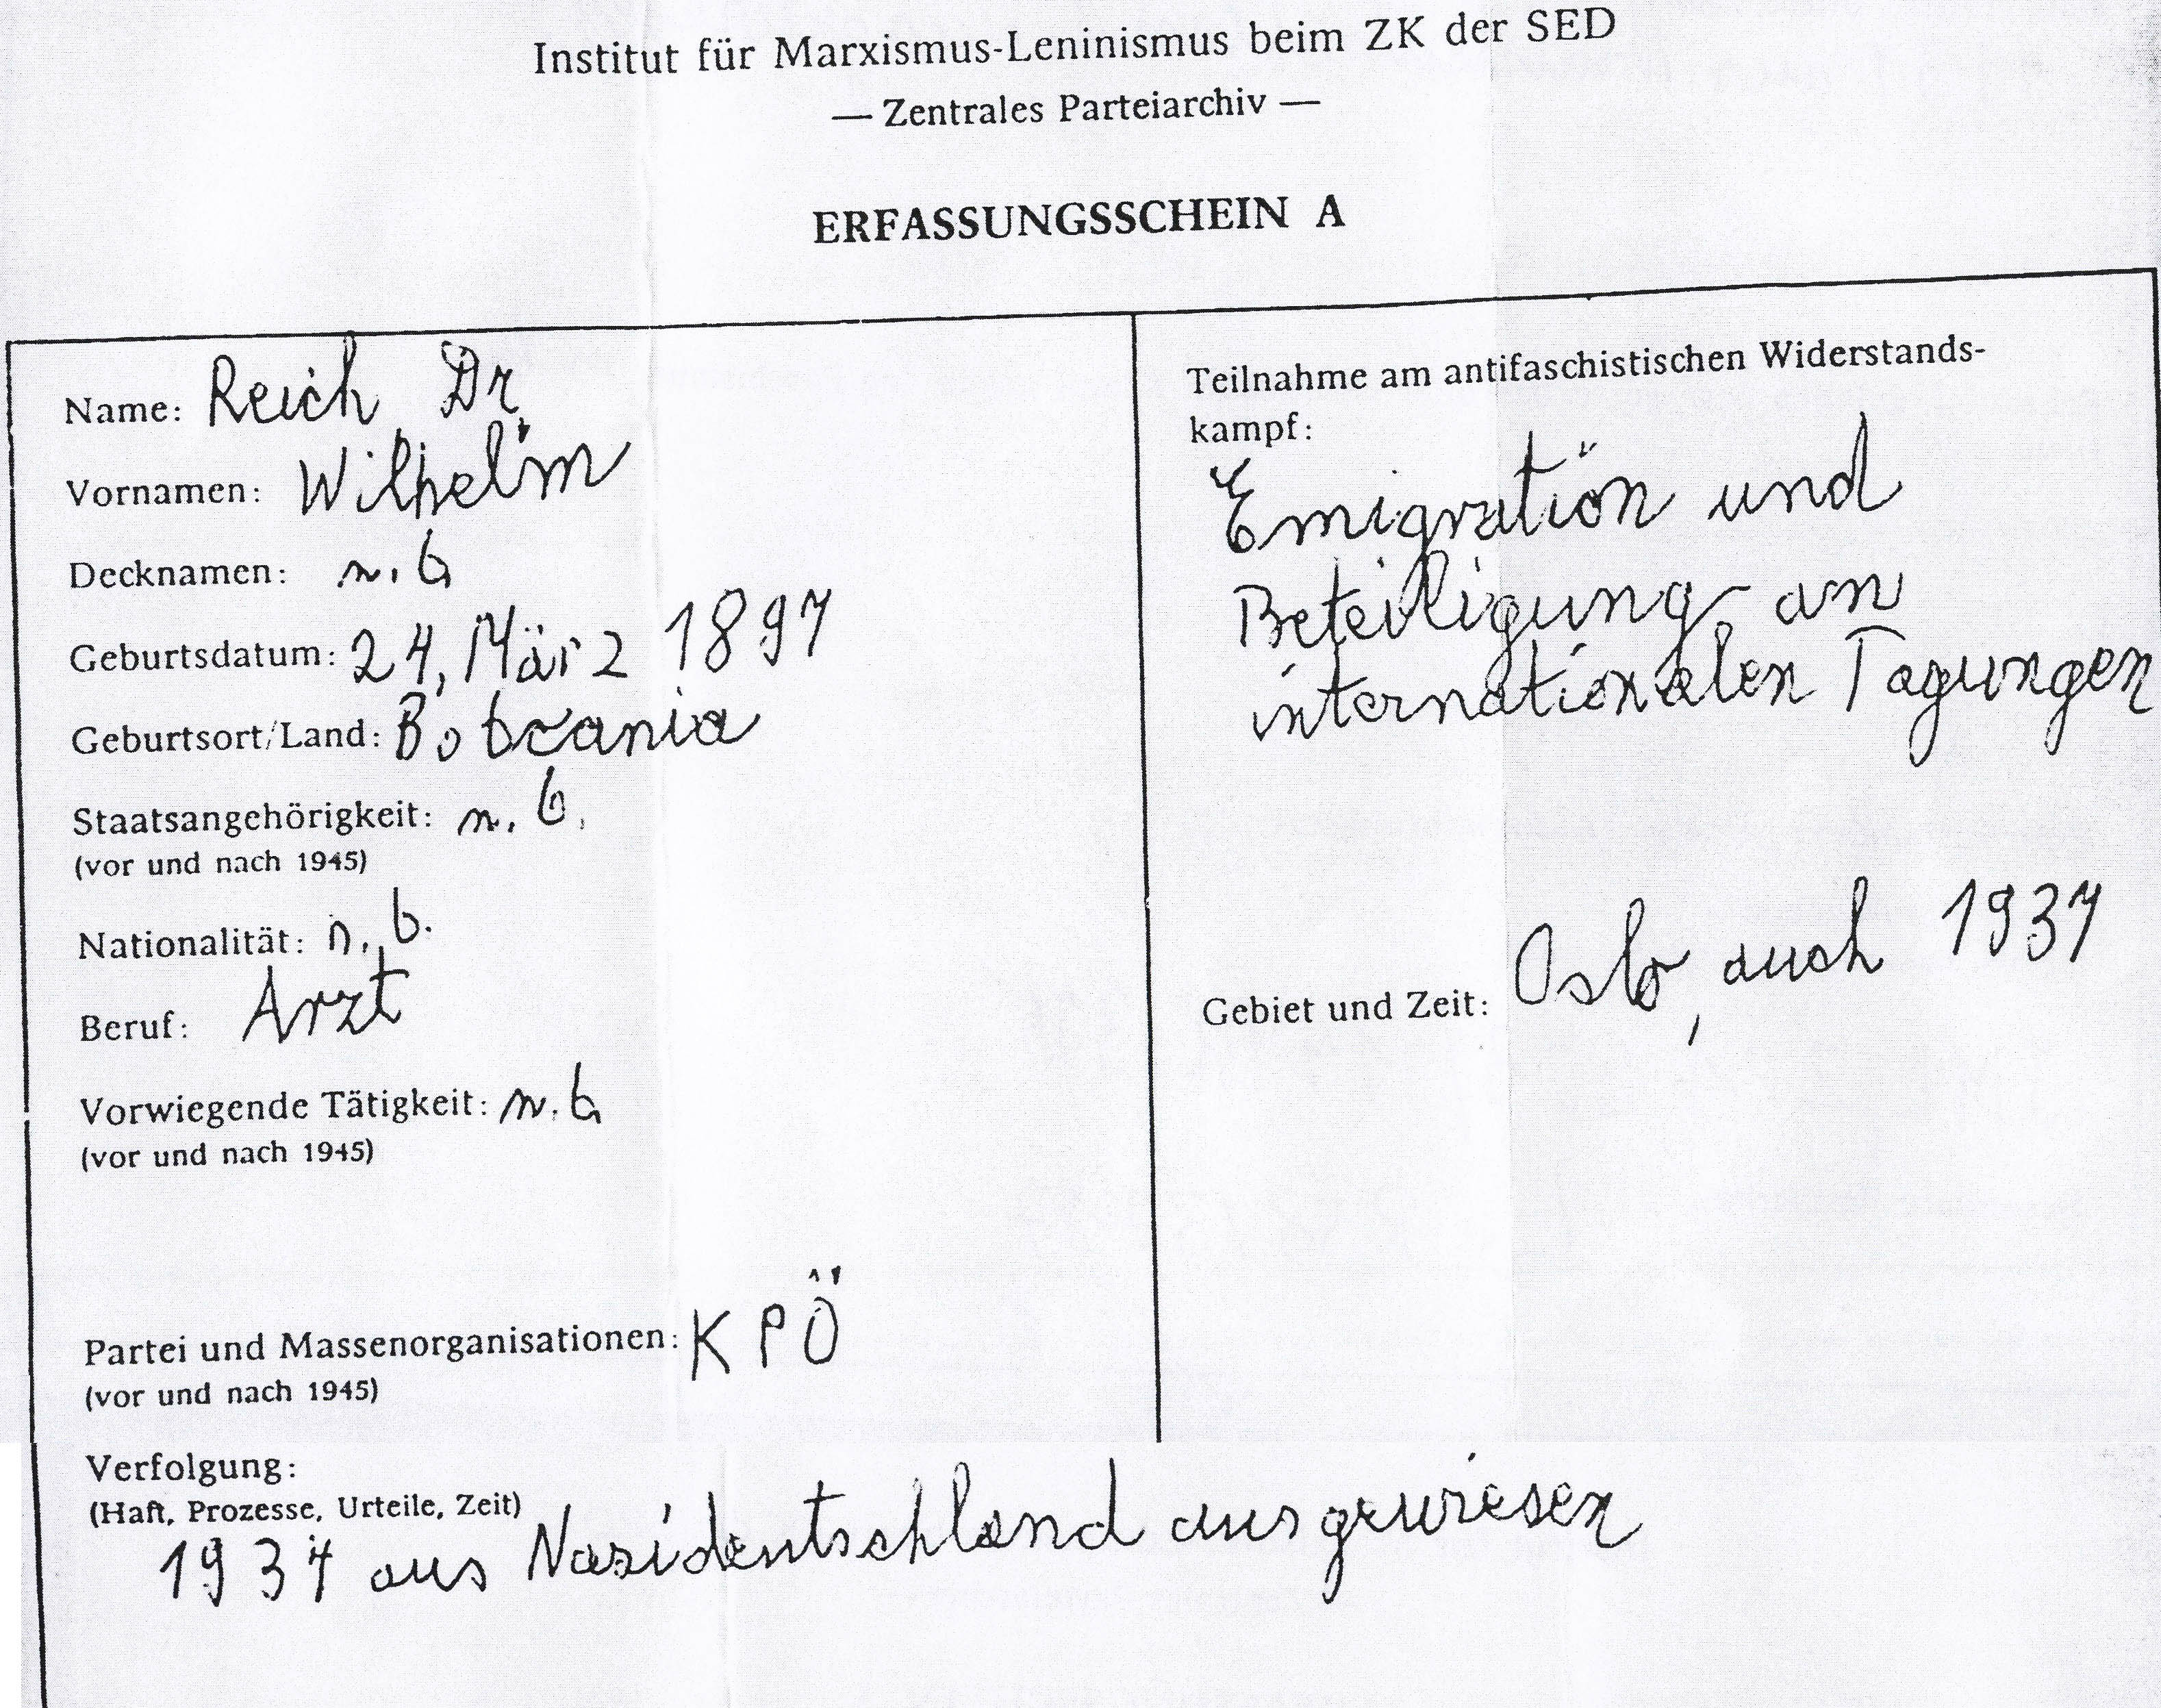 Erfassung der Ausbürgerung Reichs im SED-Archiv (Quelle: Bundesarchiv R58/3717)